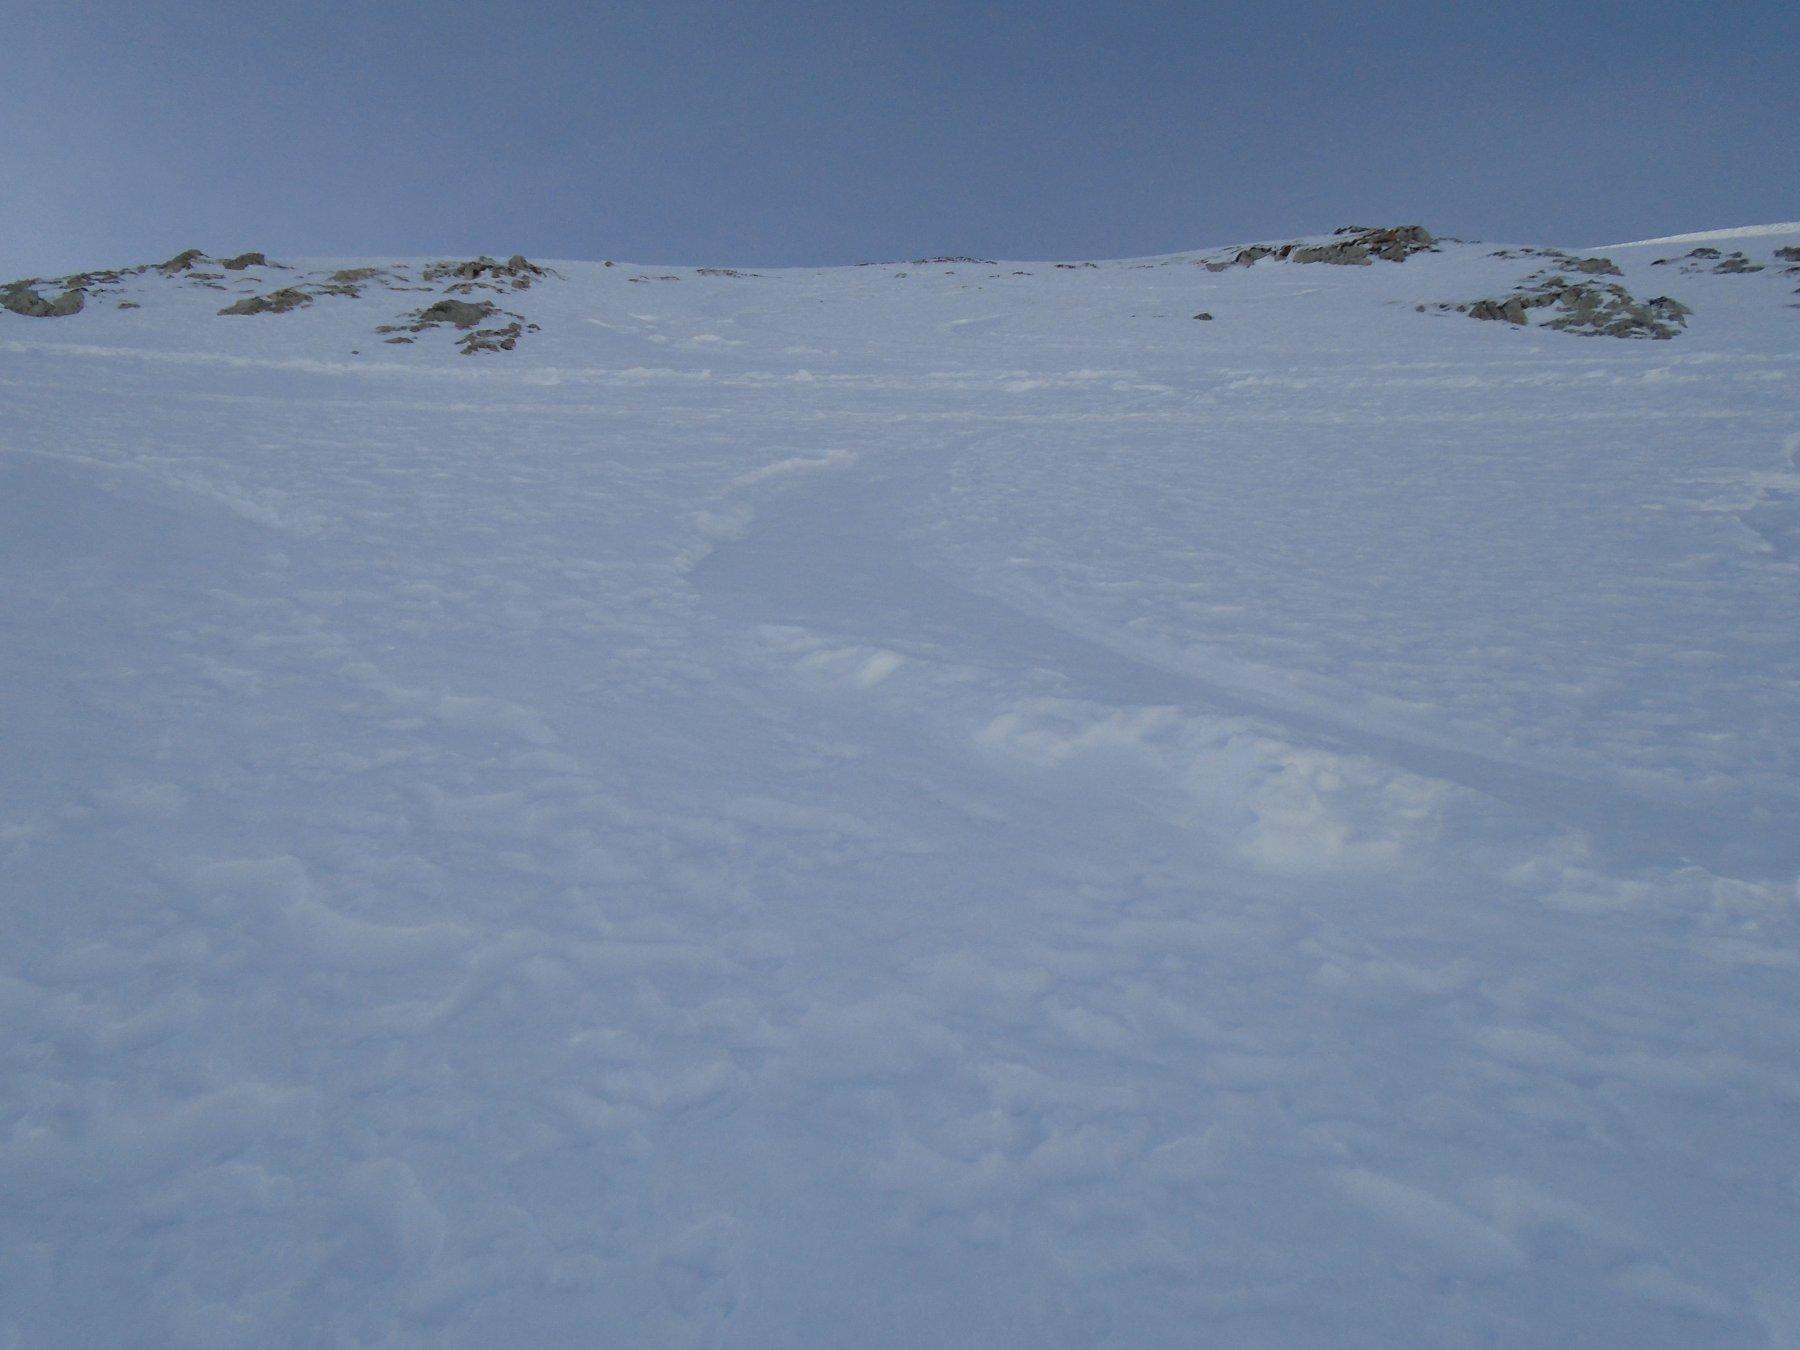 L' impegnativo tratto roccioso, ripido e con neve dura/ghiacciata